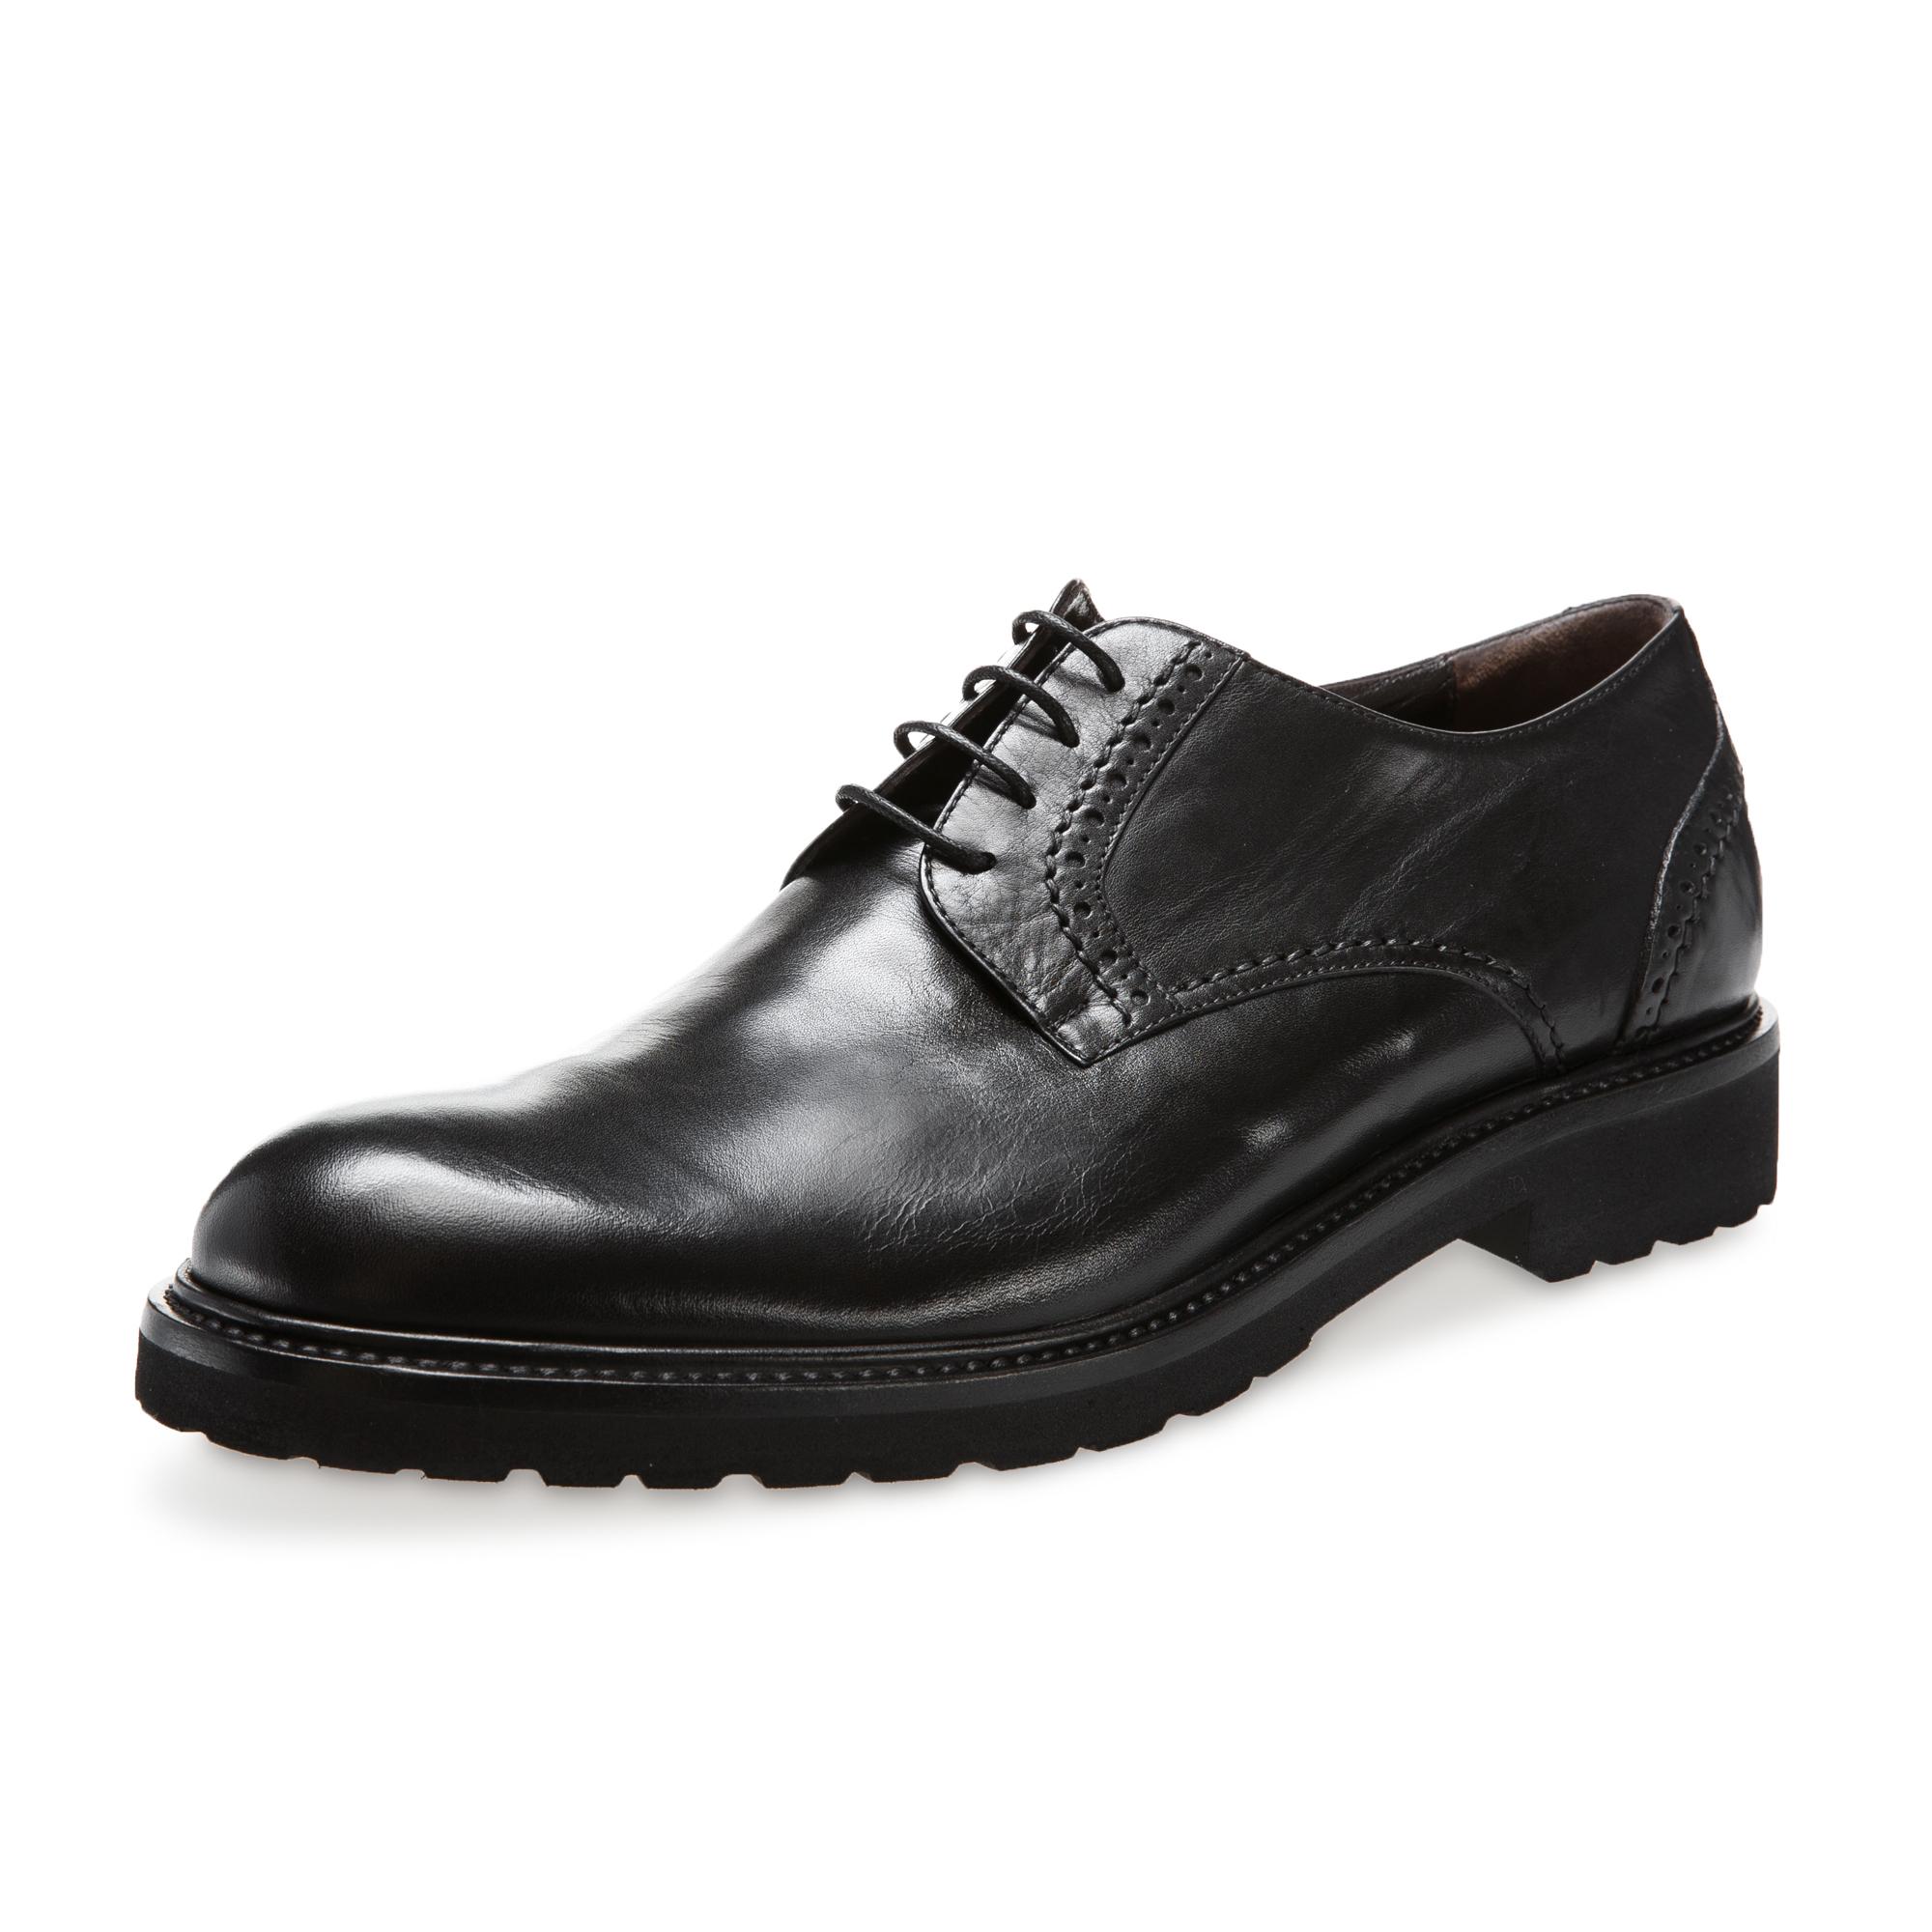 意大利原产germano bellesi圆头牛皮鞋男士皮鞋700 黑色 41